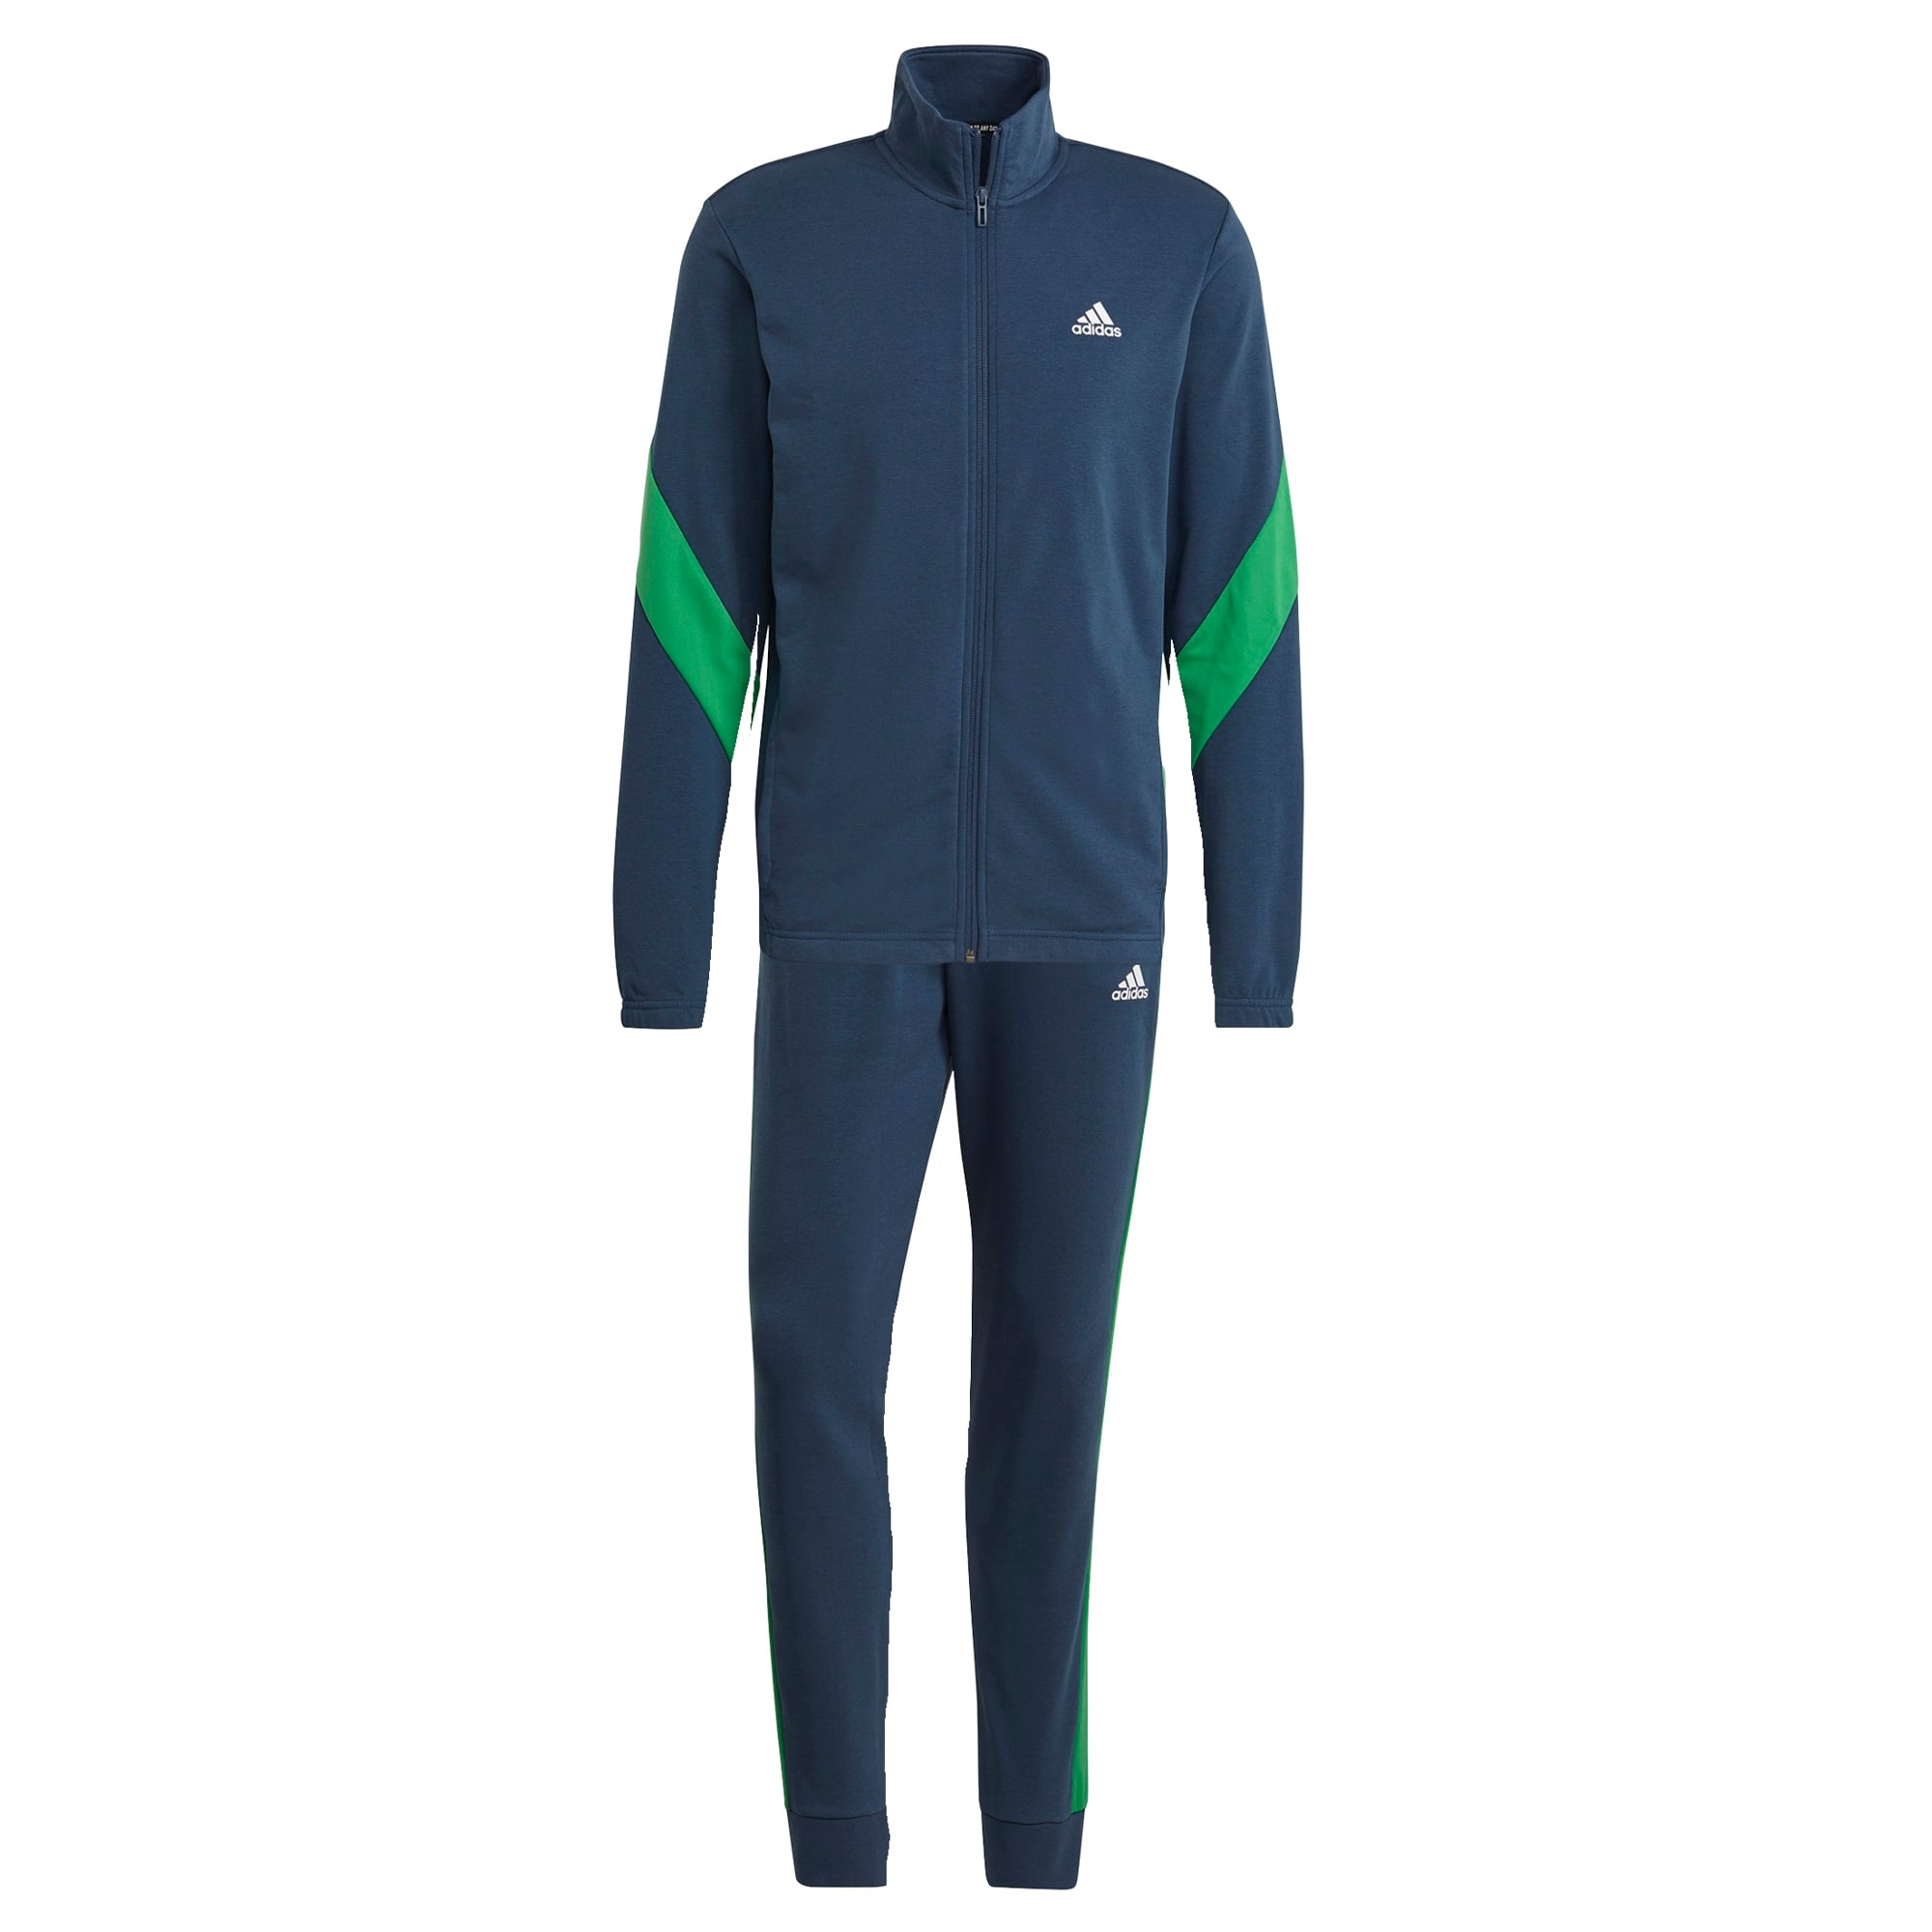 ADIDAS PERFORMANCE Treniruočių kostiumas mėlyna / žalia